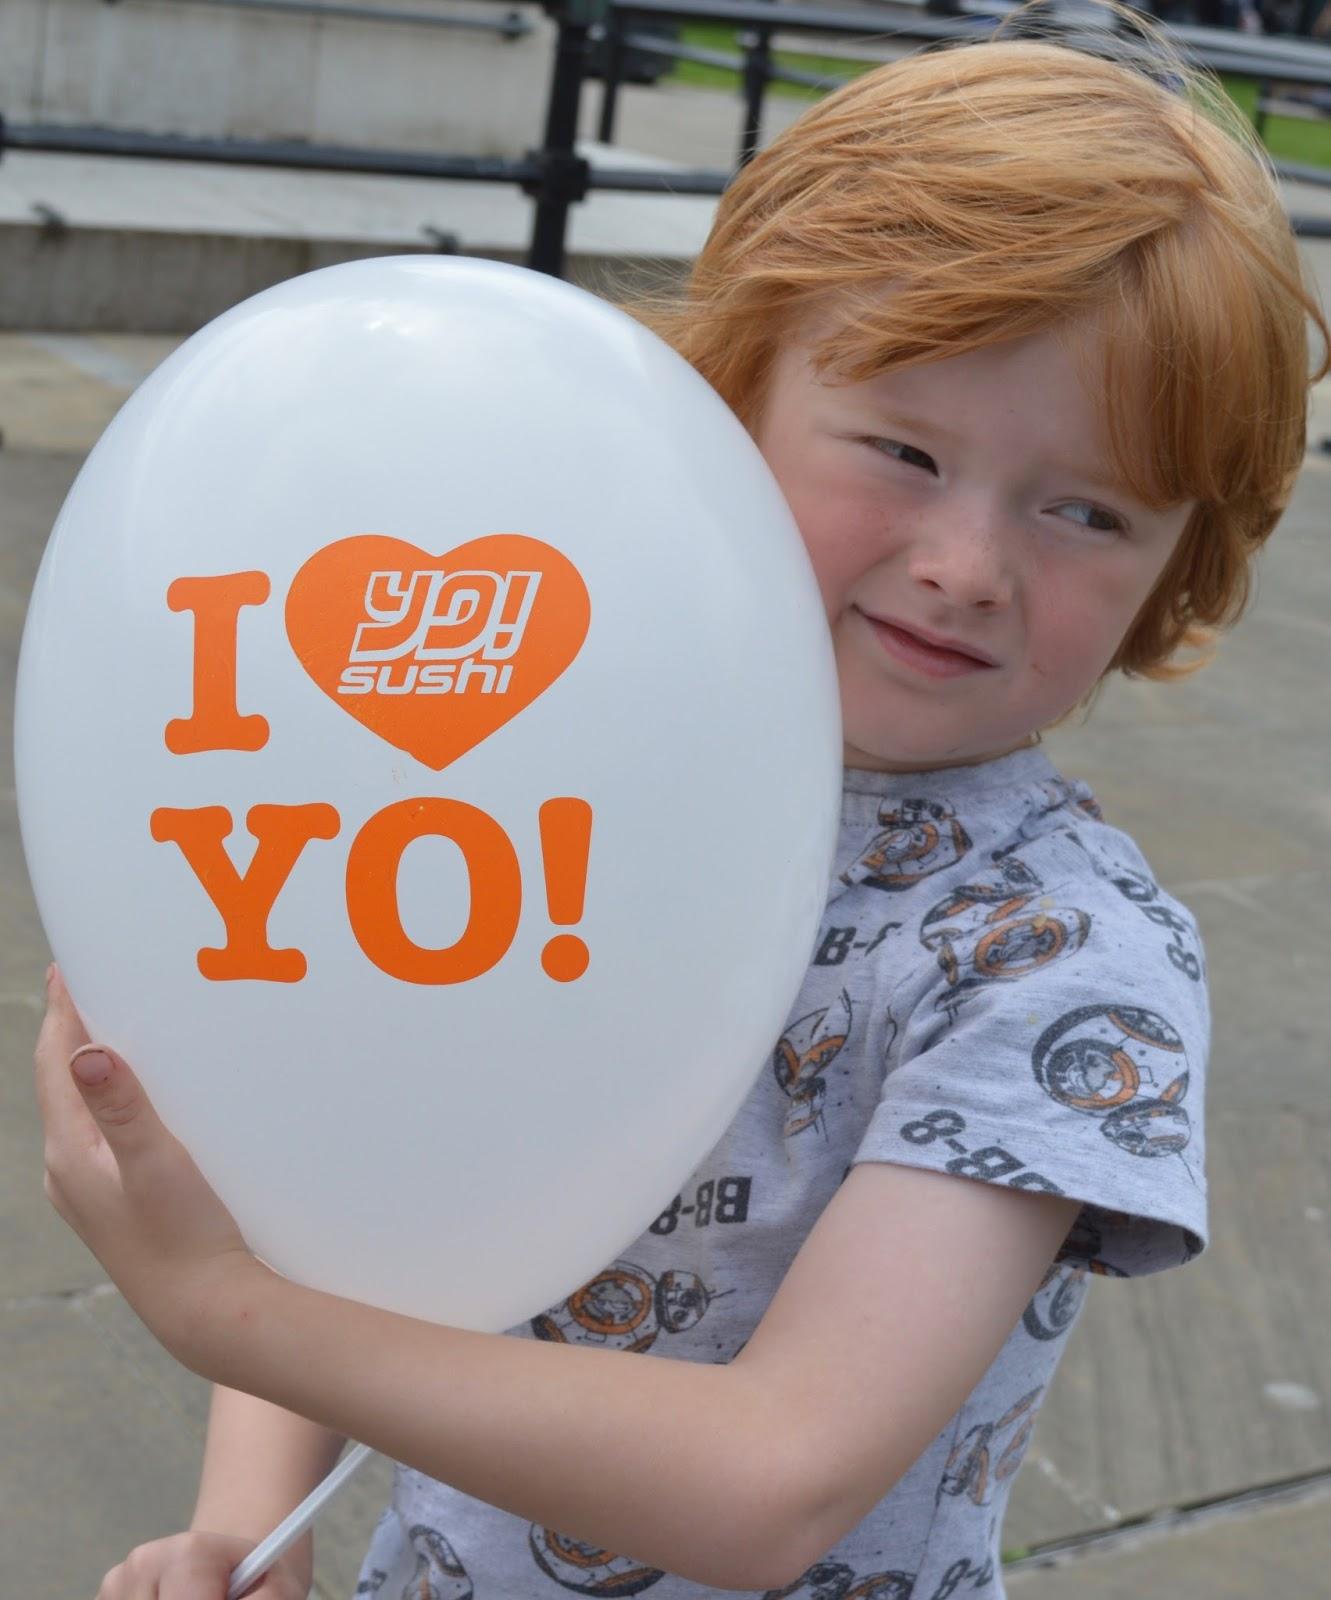 YO! Sushi Newcastle Grainger Street - Kids Menu Review - kids balloon